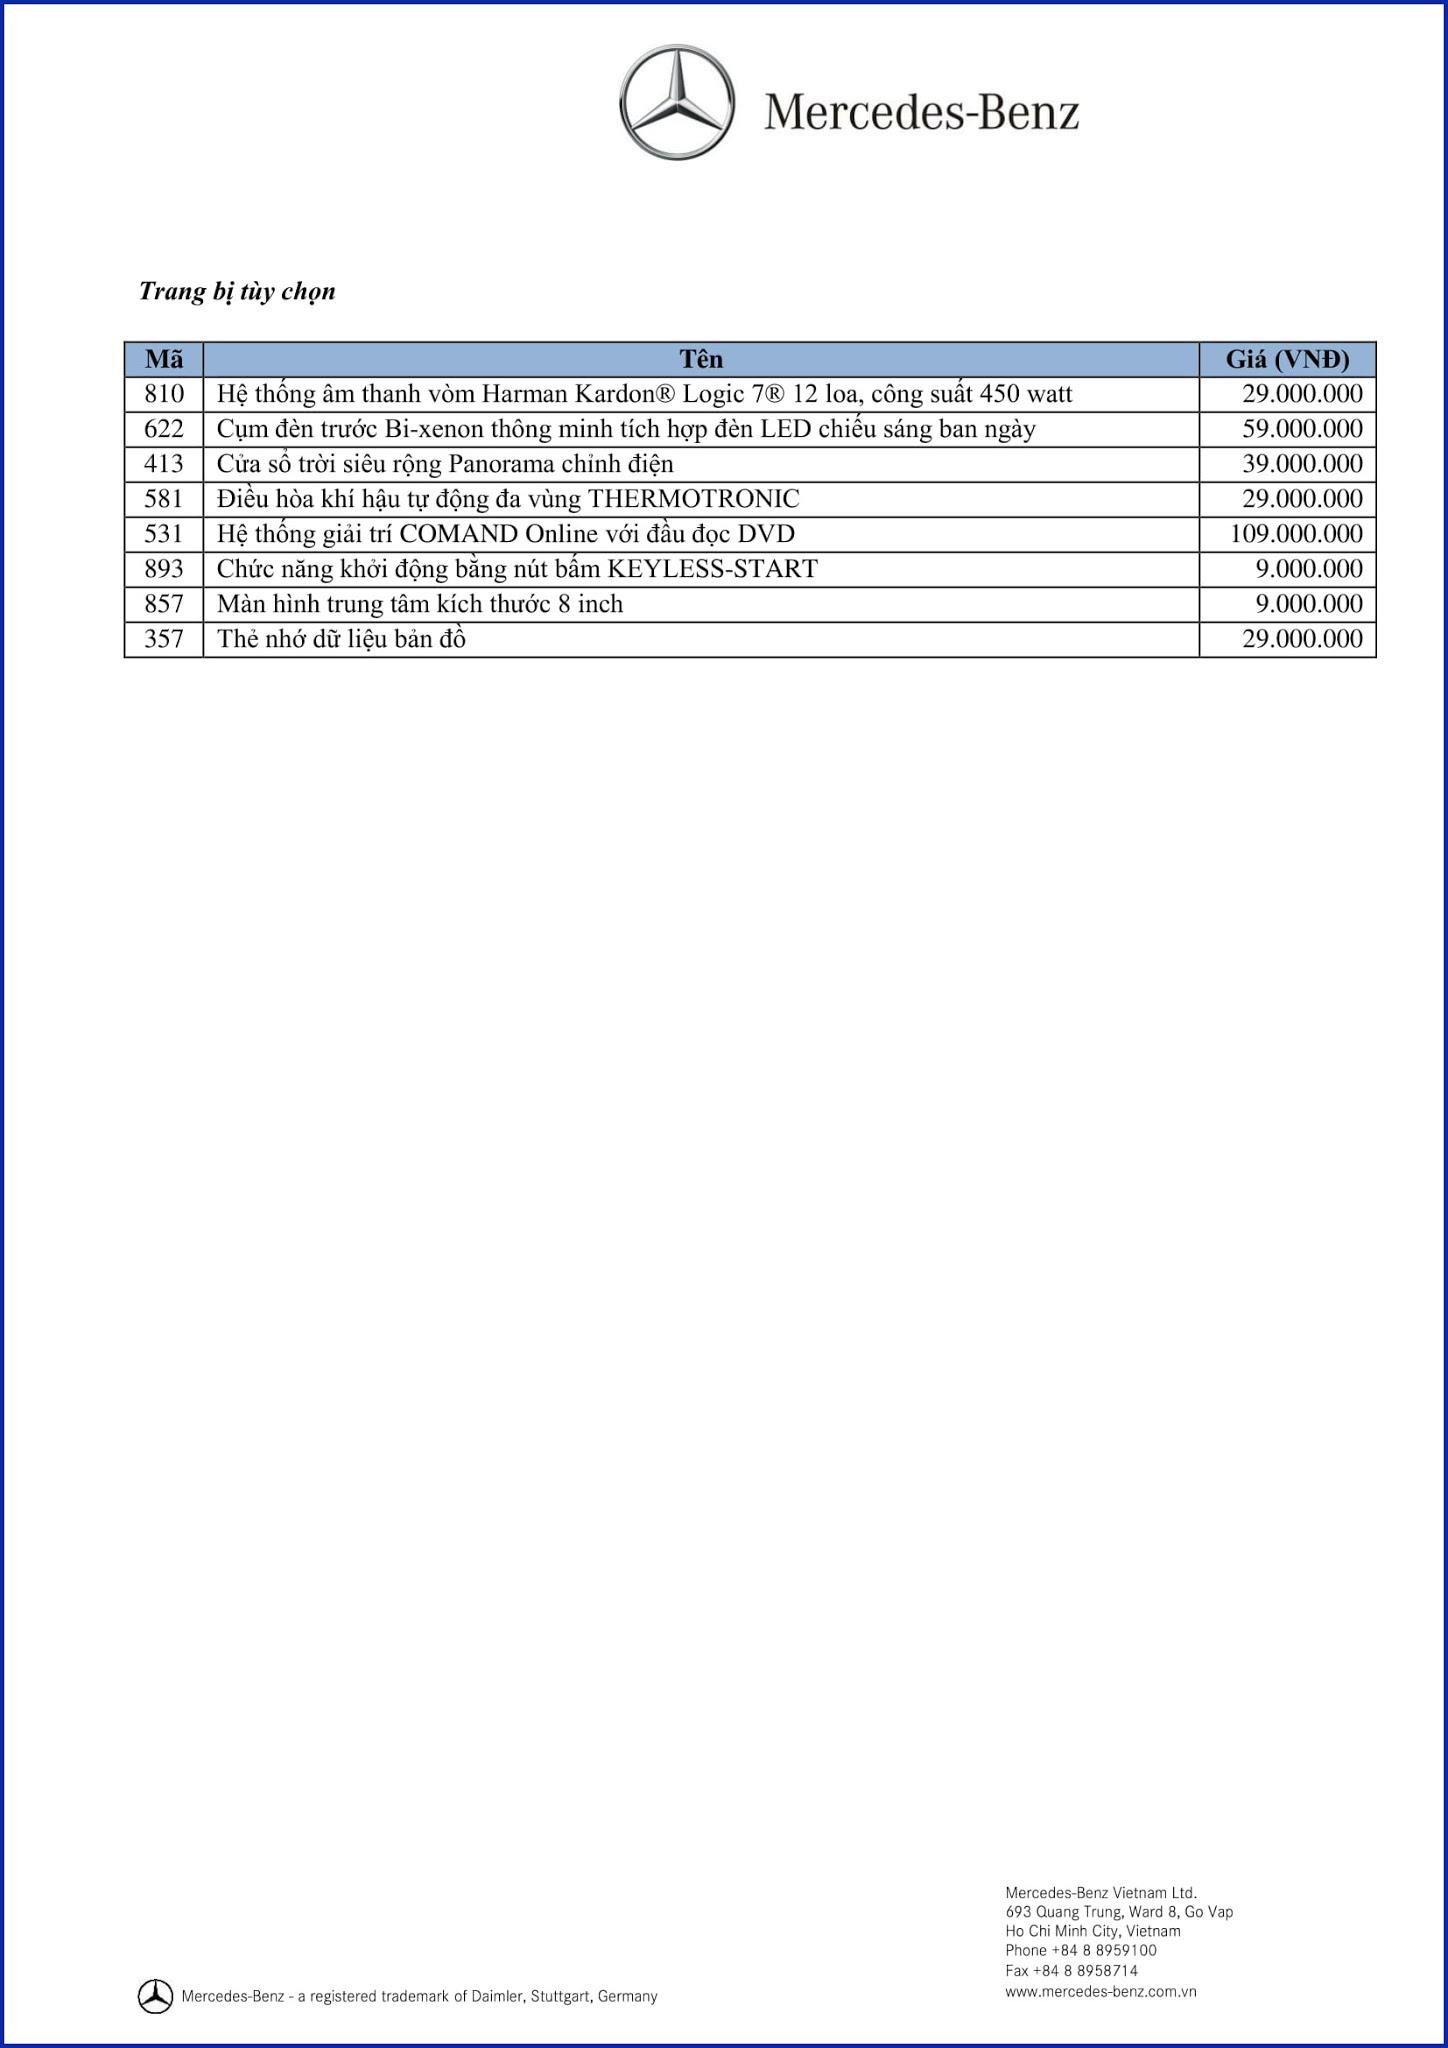 Bảng thông số kỹ thuật Mercedes CLA 200 2017 tại Mercedes Trường Chinh